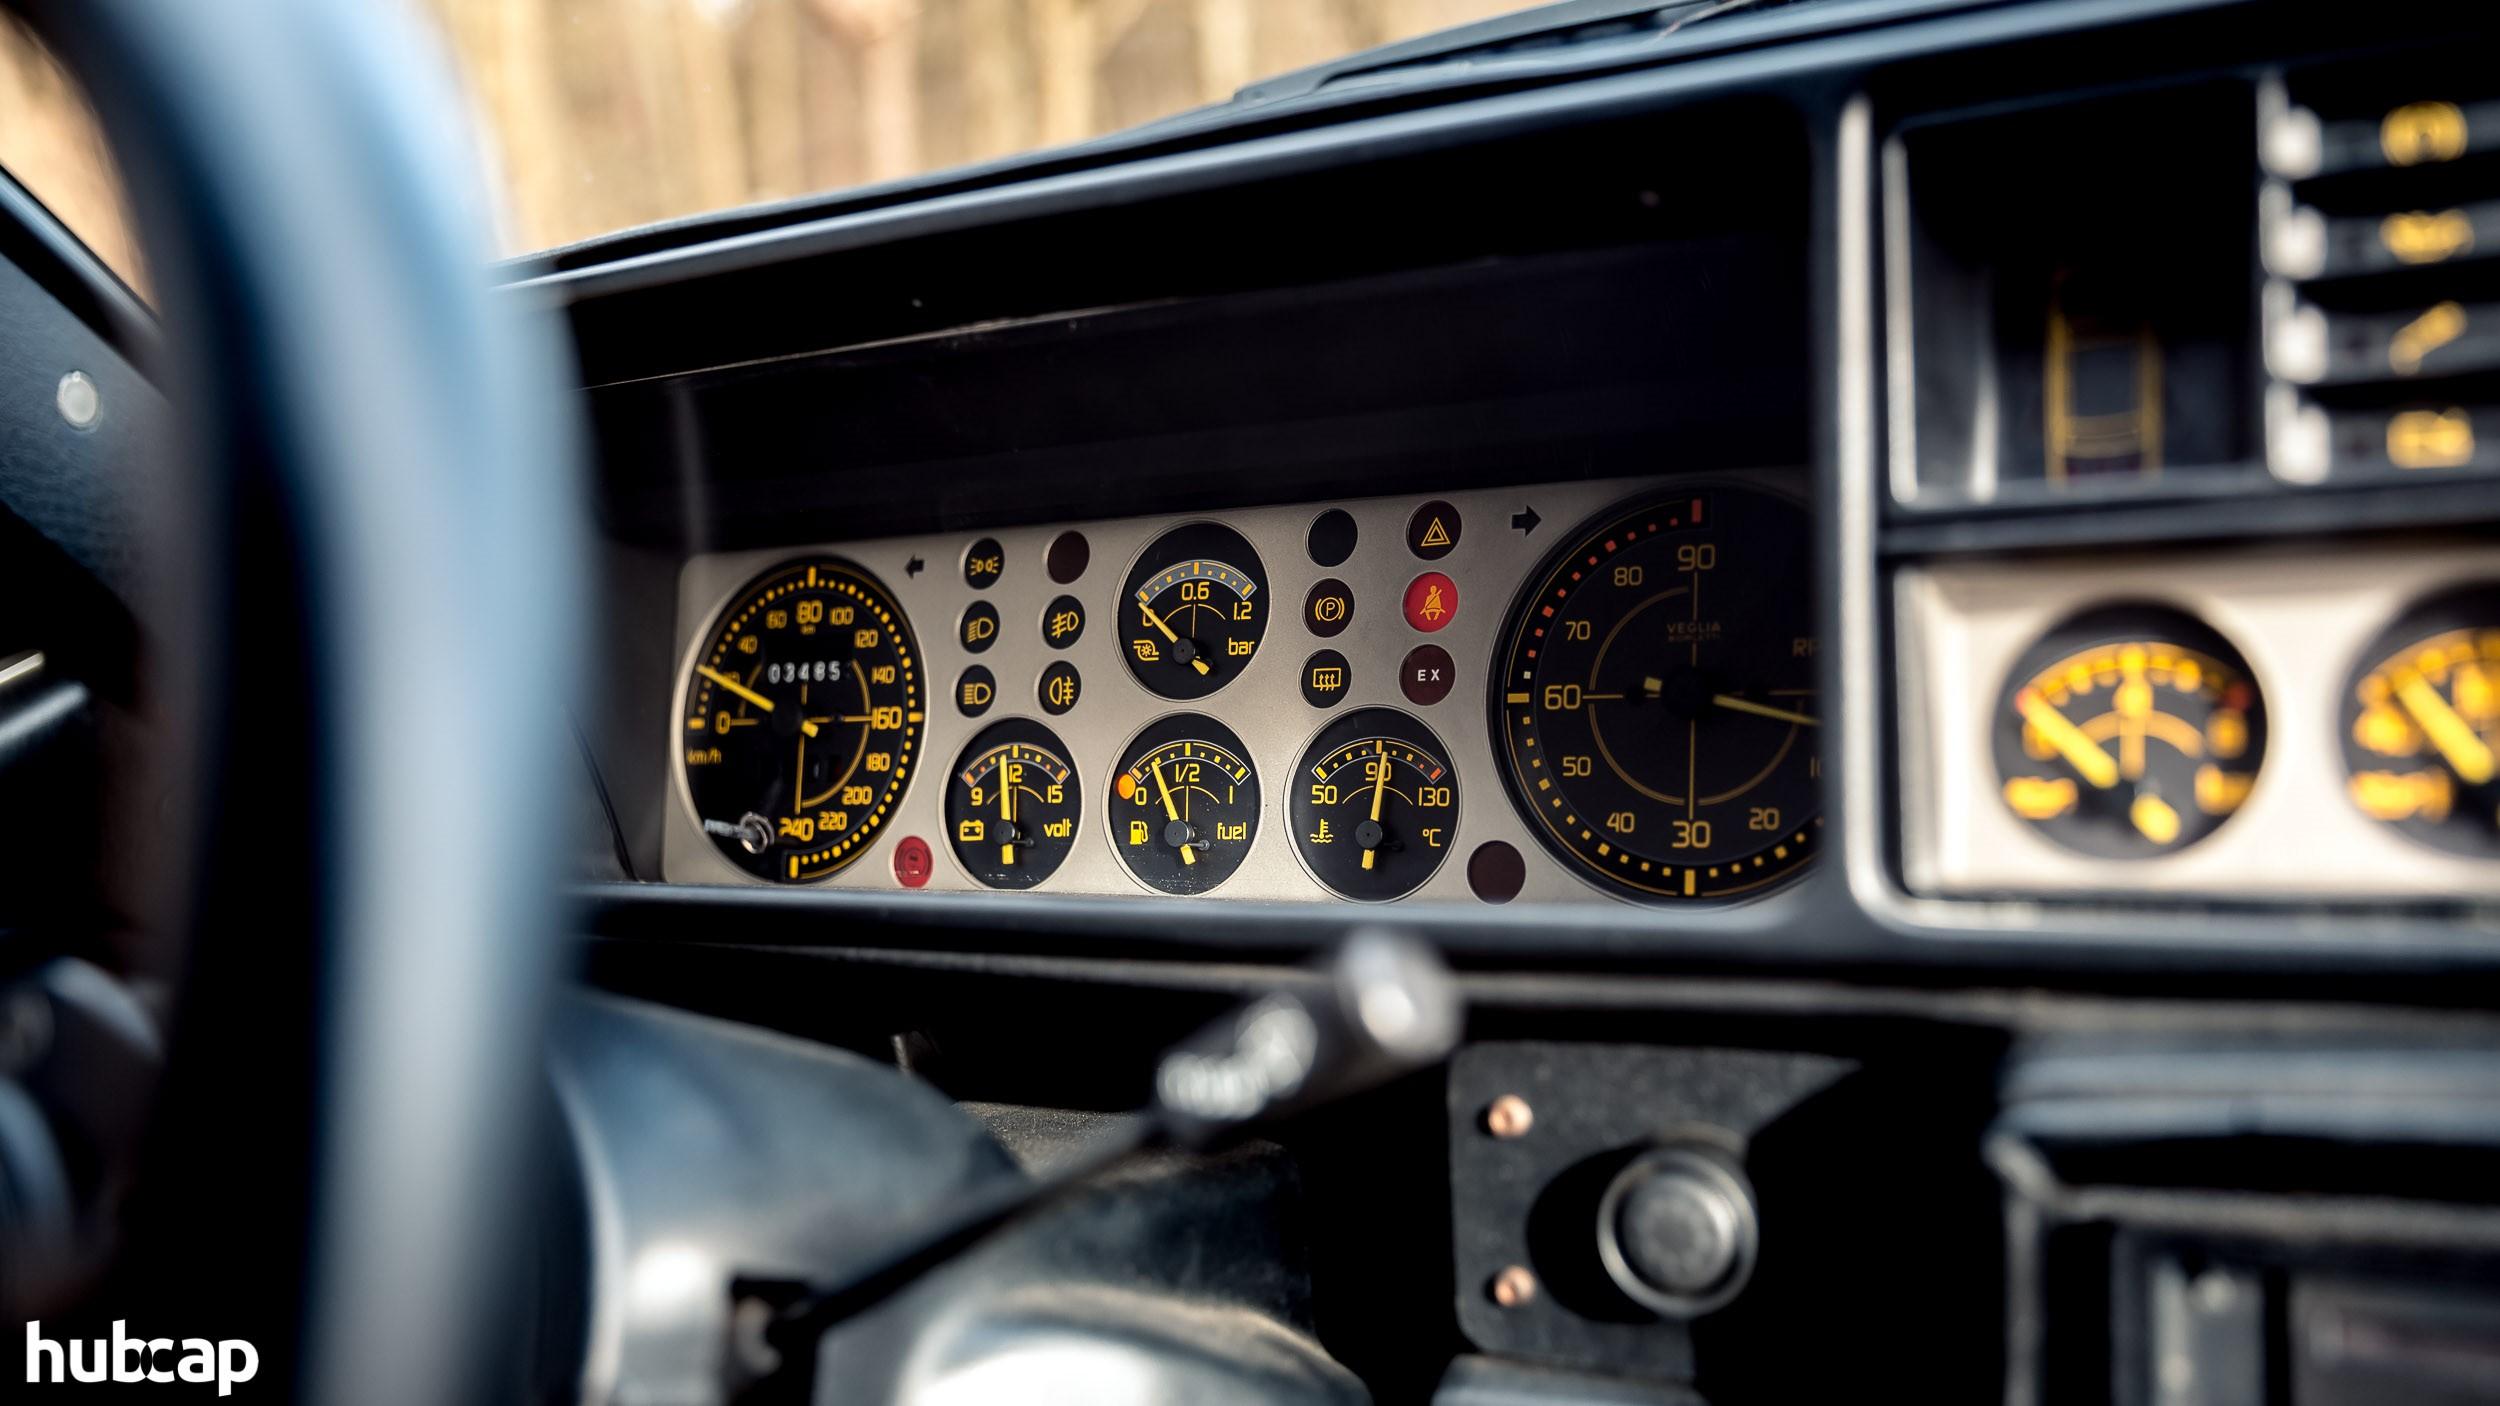 Lancia Delta HF Integrale Evo 1 de gezinsauto die een legendarische rallyauto werd 02